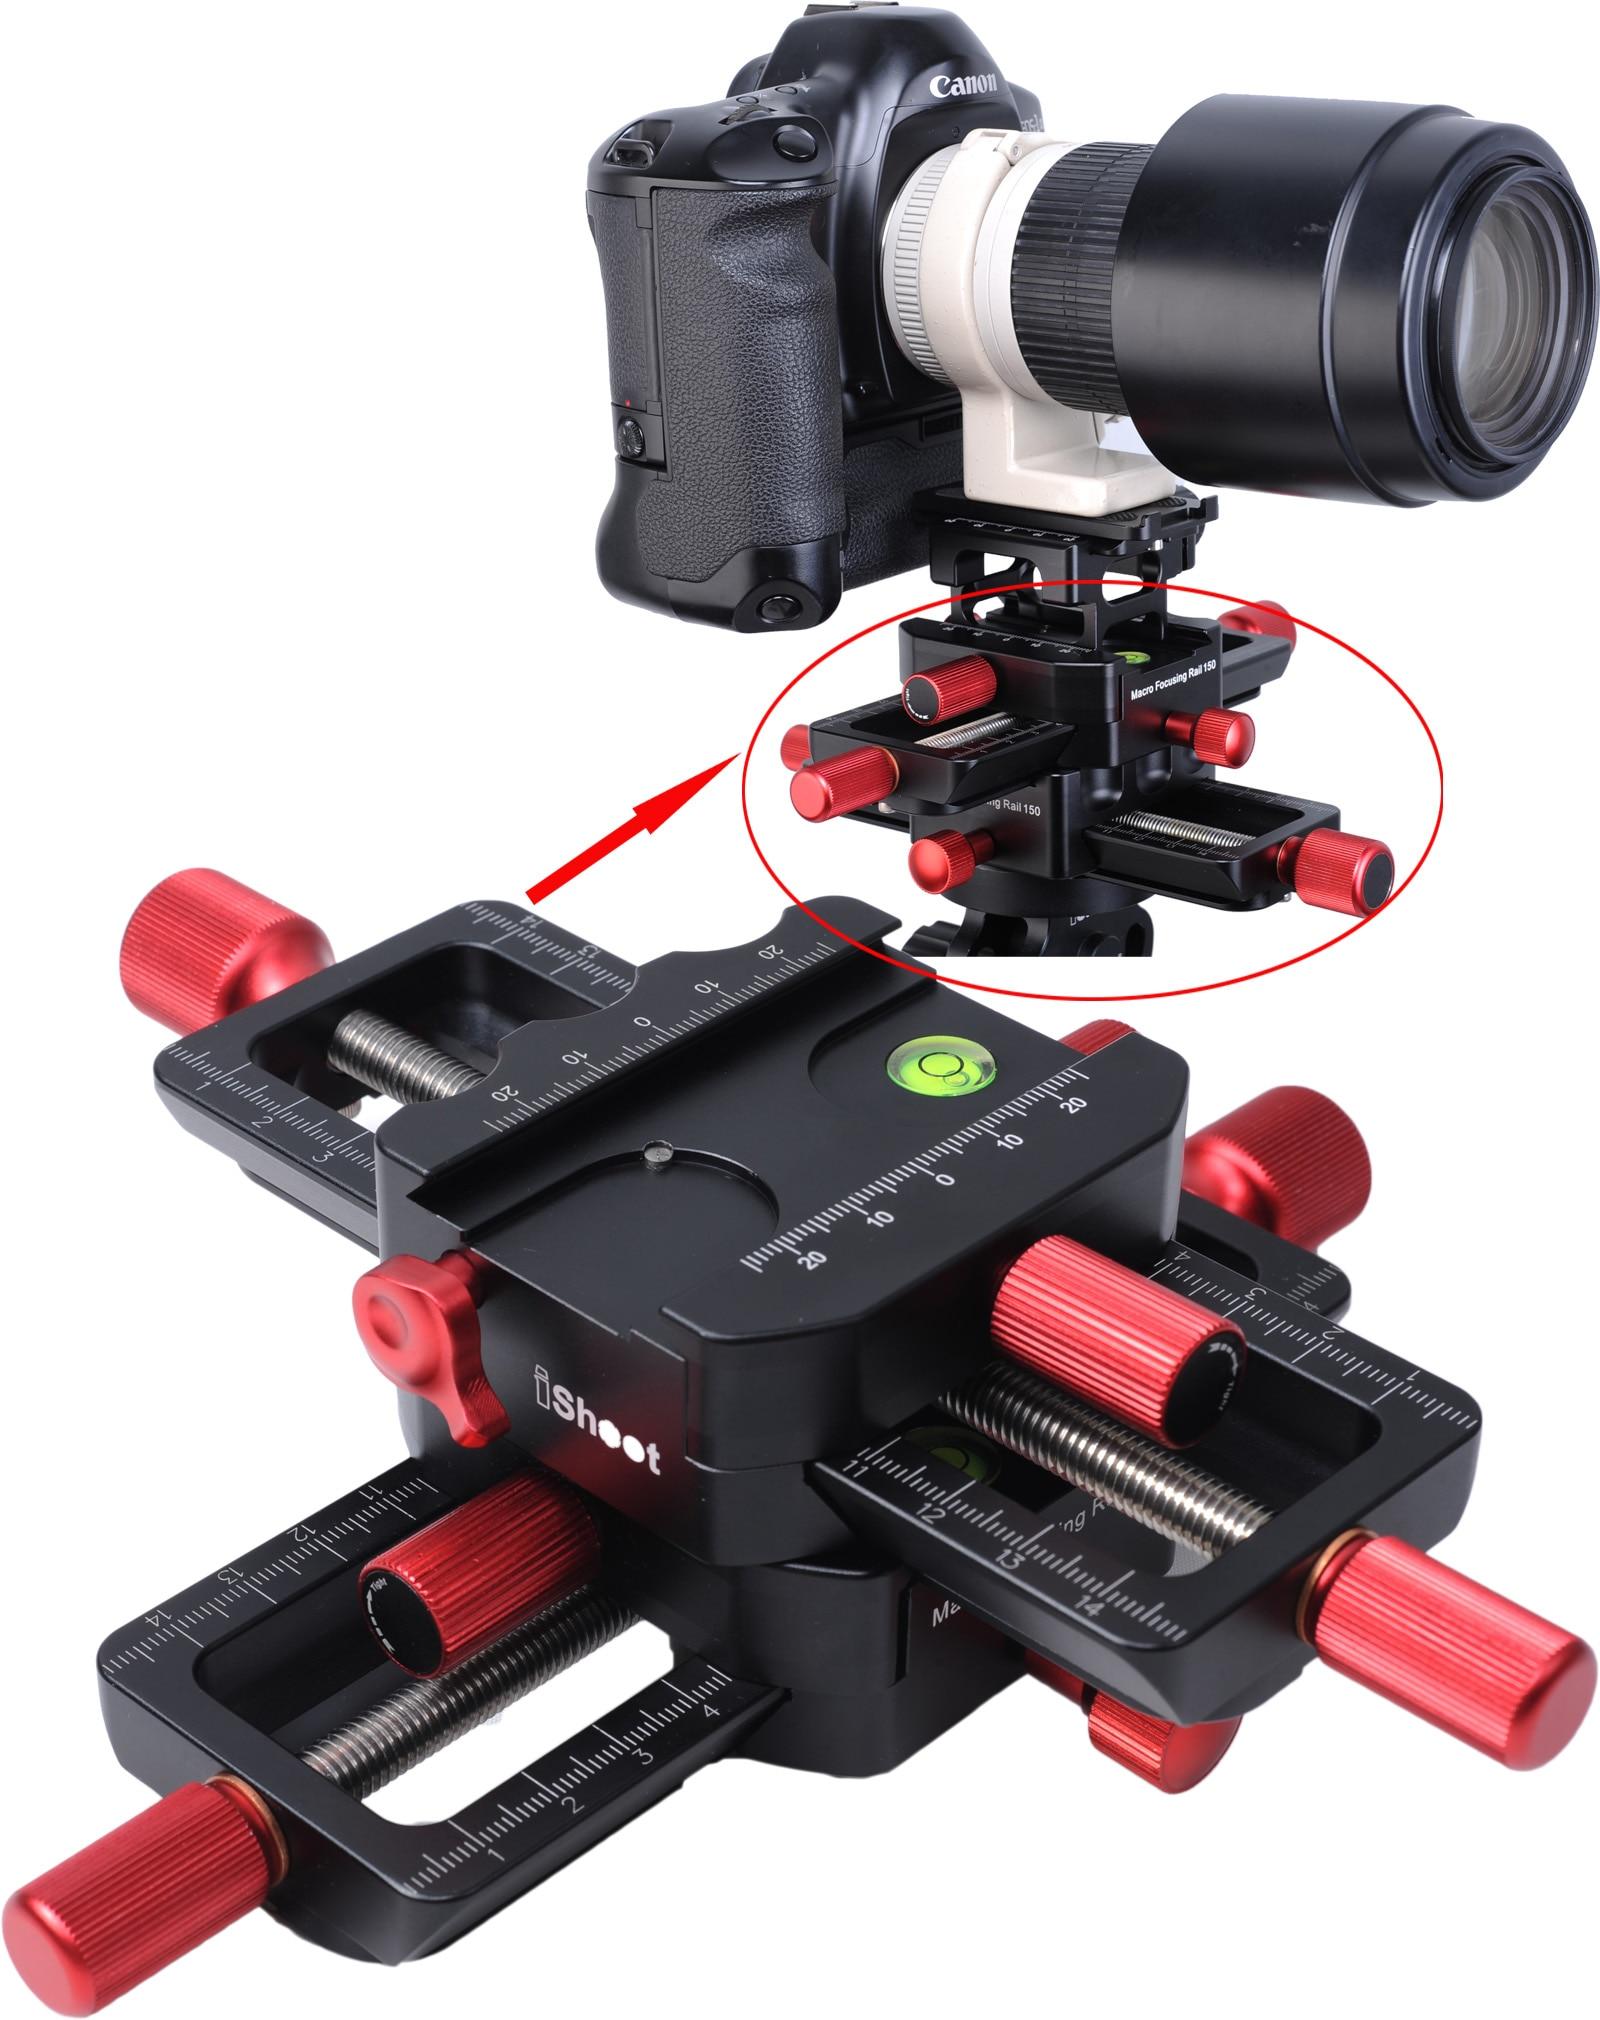 Tête de curseur de Rail de mise au point Macro 4 voies 150mm avec fixation arca-swiss plaque de fixation rapide pour trépied tête à billes Canon Sony caméra